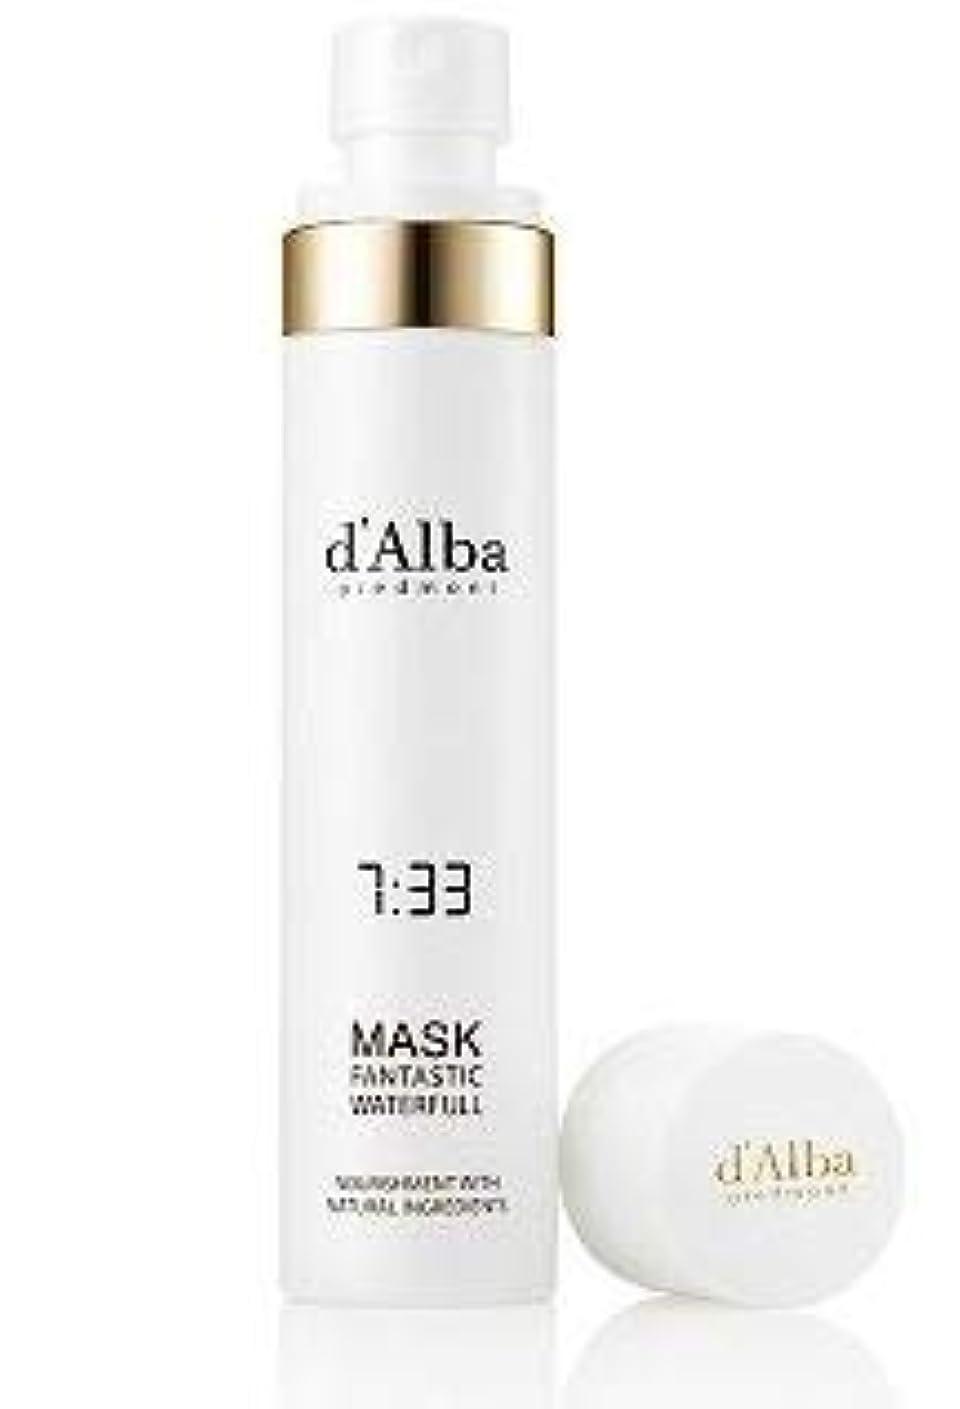 酸化物ぐるぐる蛇行[dAlba] Fantastic Waterfull Spray Mask 100ml /[ダルバ] ファンタスティック ウォーターフォール マスク100ml [並行輸入品]